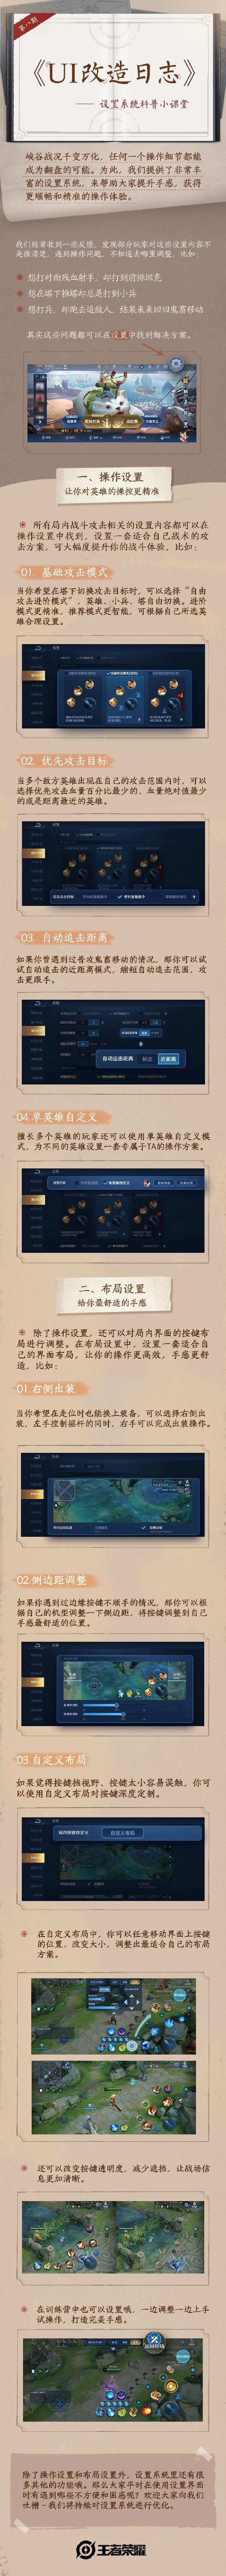 UI改造日志第八期――设置系统科普小课堂